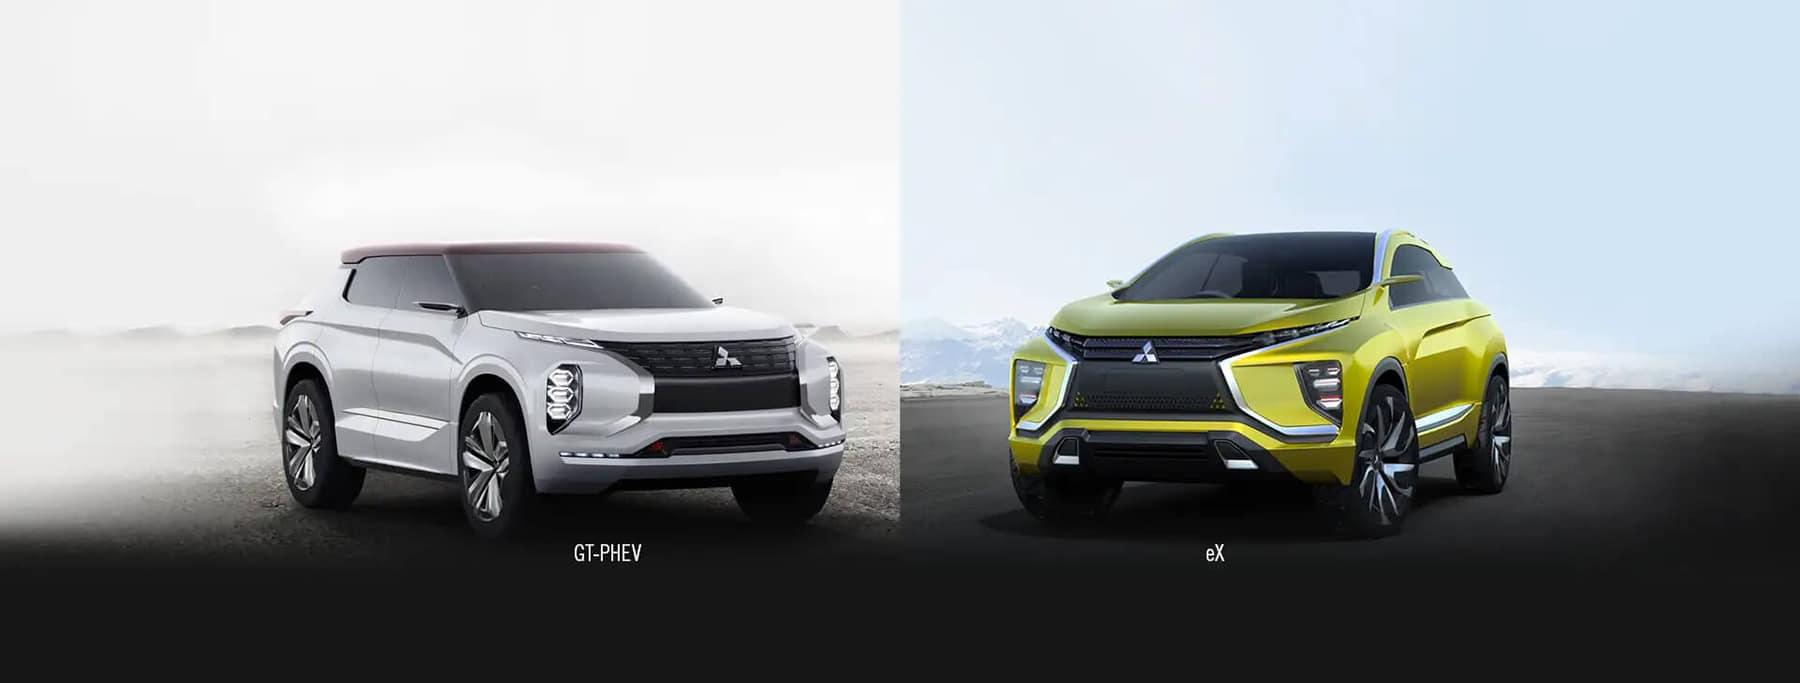 Mitsubishi GT PHEV and Mitsubishi eV Slider